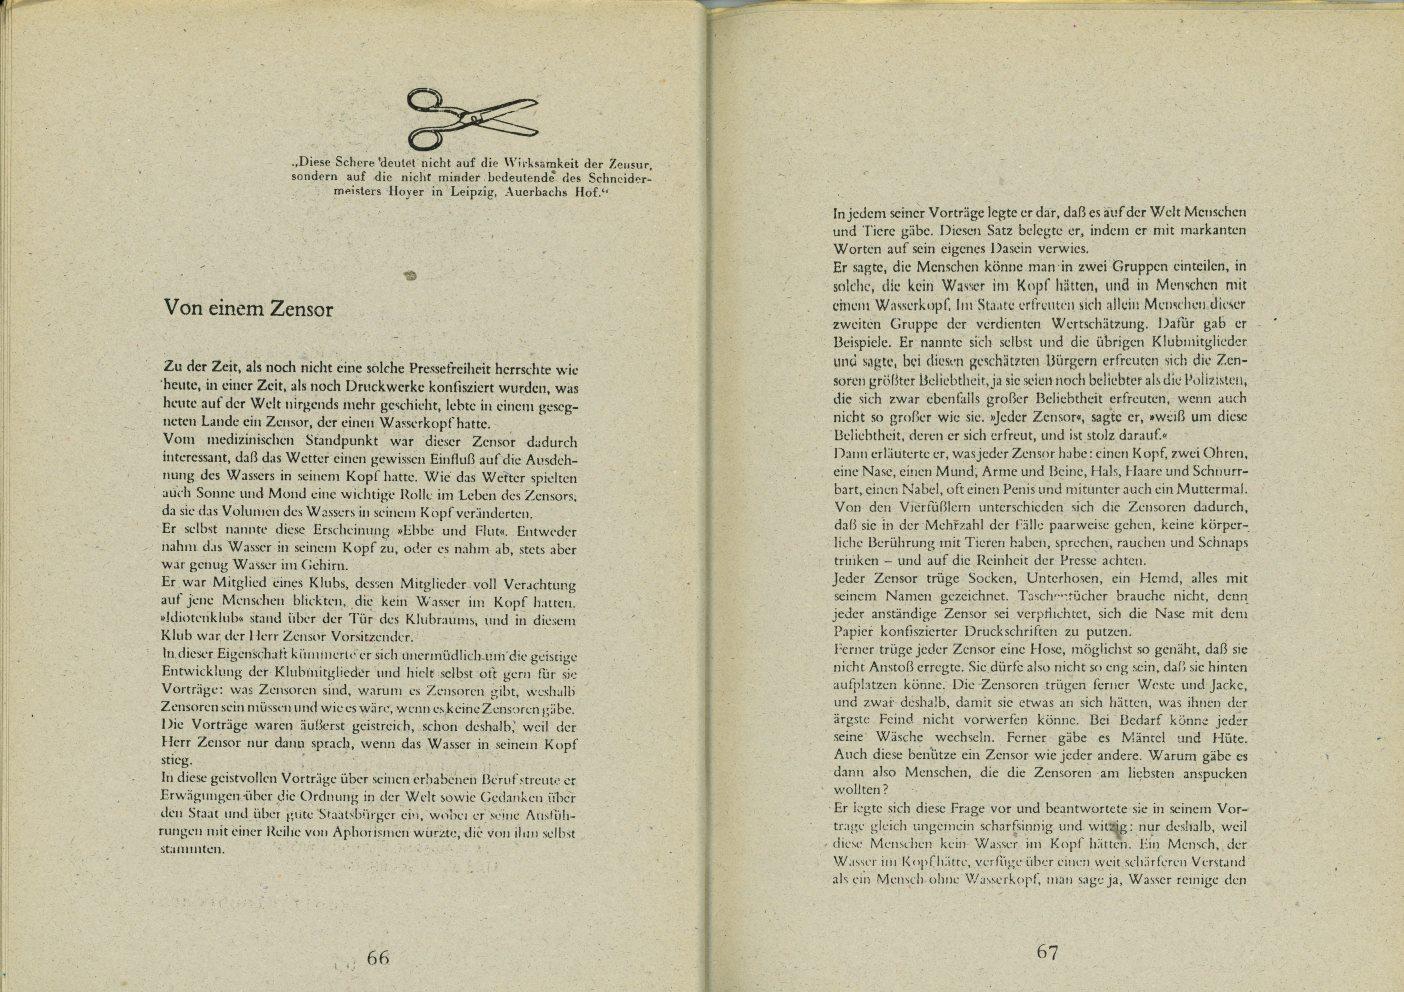 Stuttgart_AGRT_Menschenrechtsverletzungen_Leseheft_1978_35